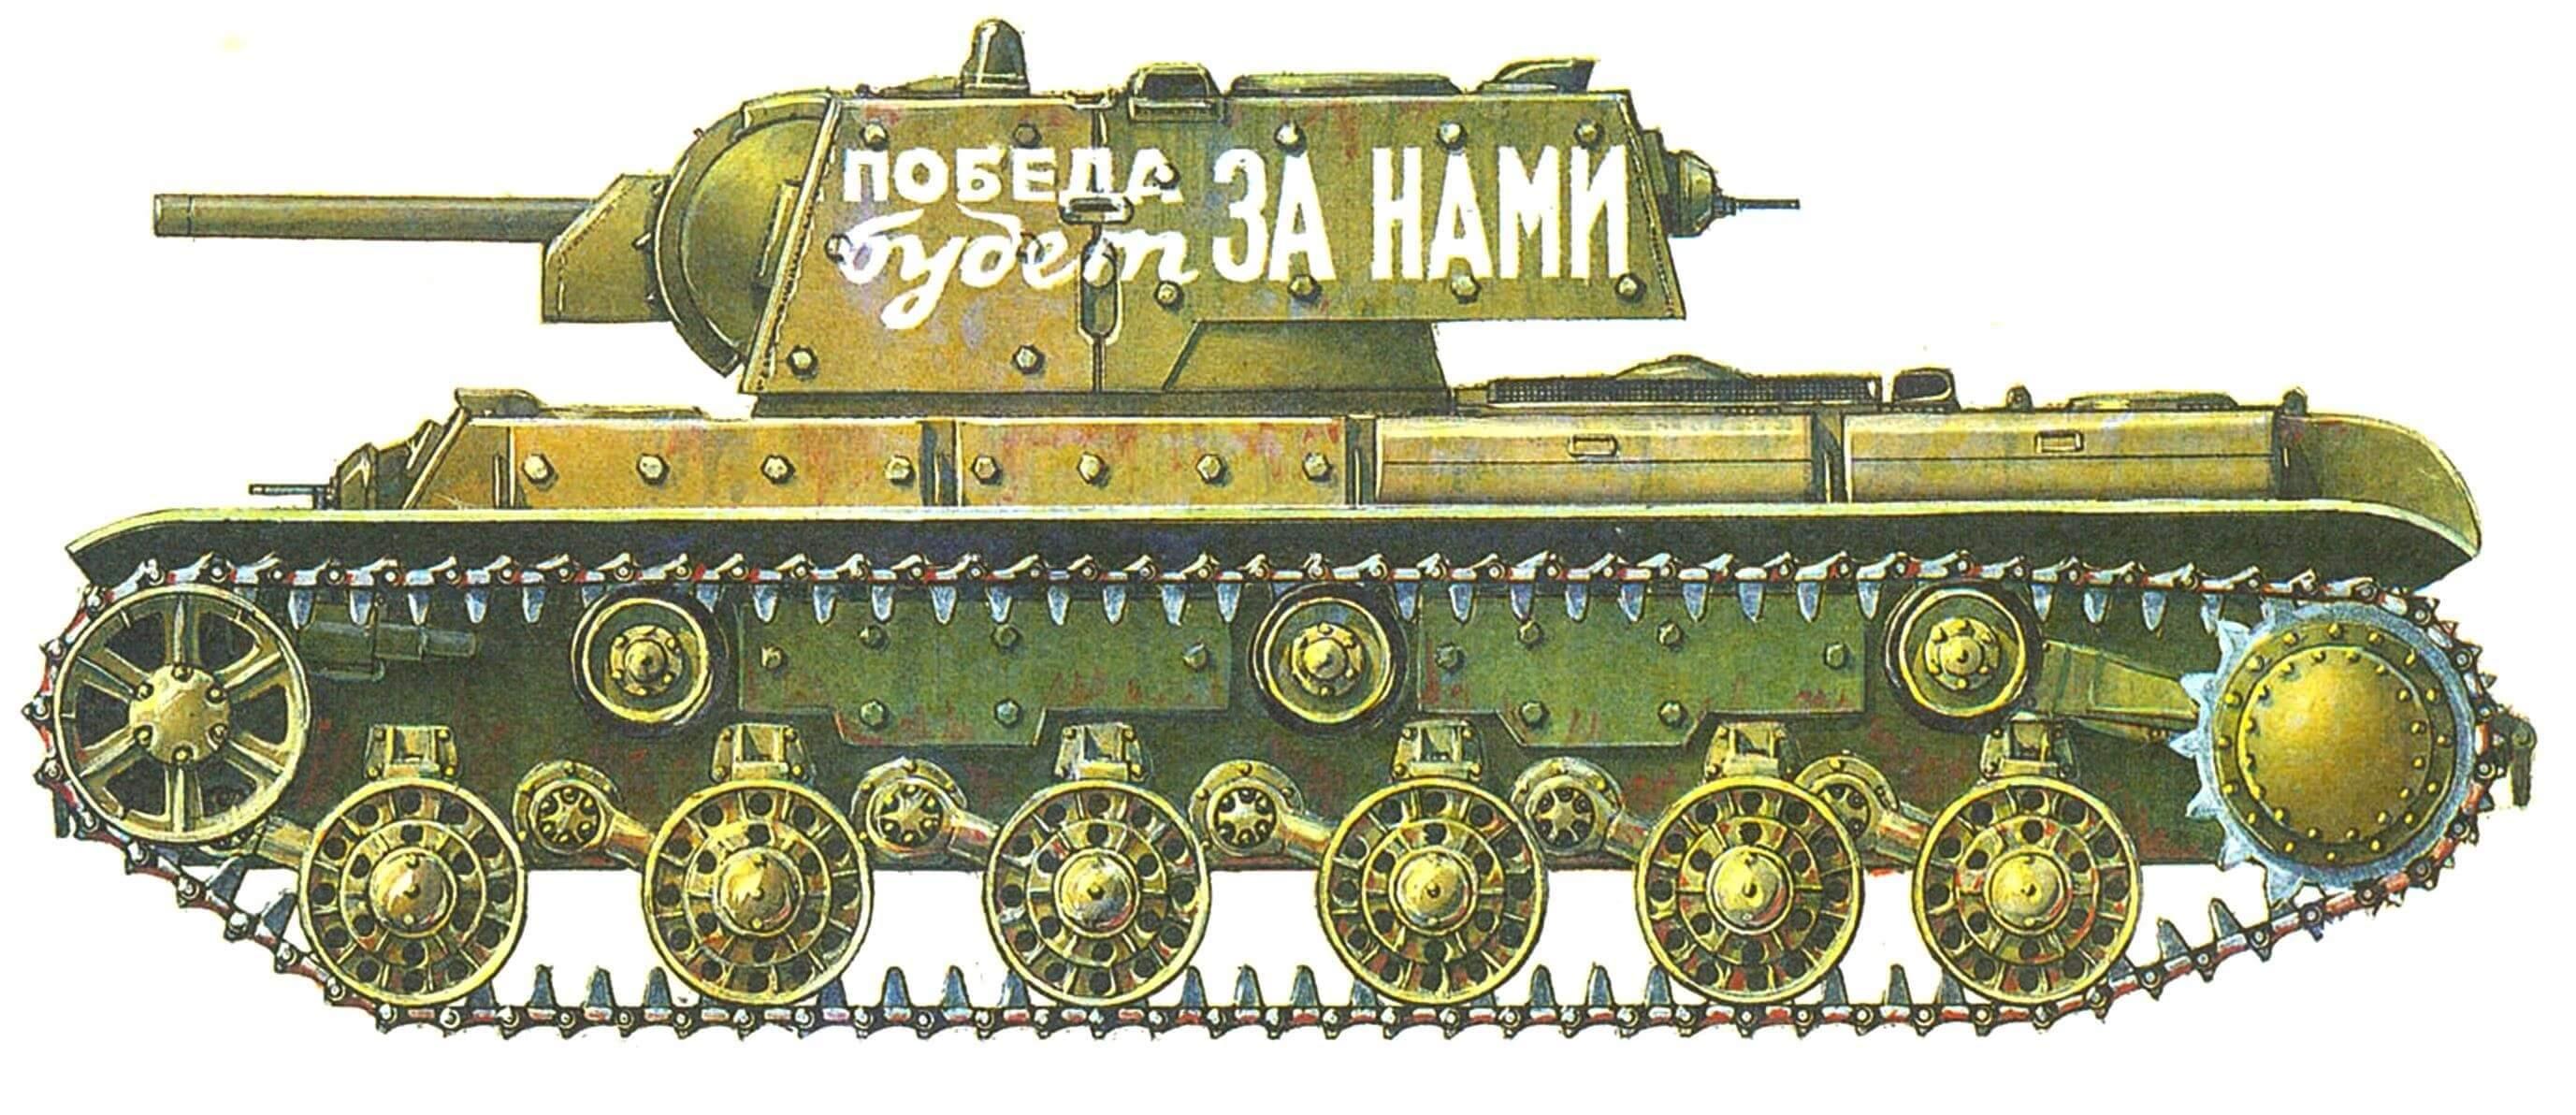 Тяжелый танк КВ-1, неизвестная танковая часть, лето 1941 года.